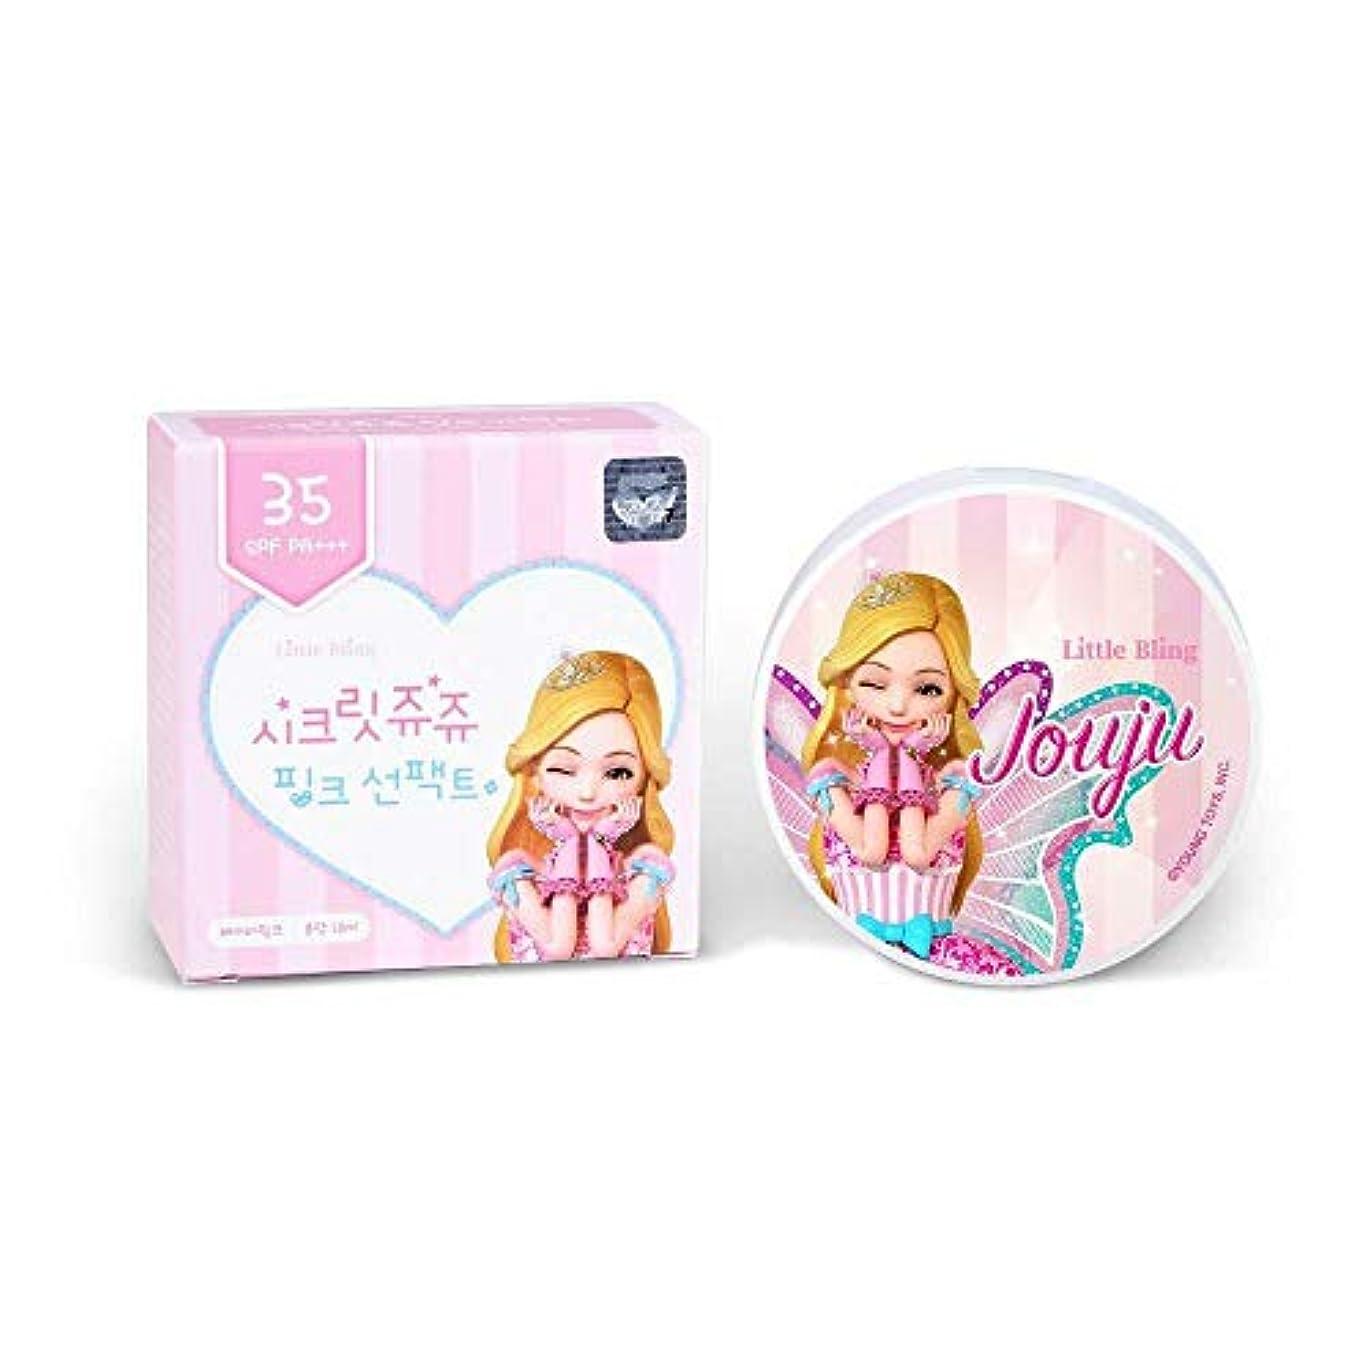 土地はい告発Little Bling Secret Jouju Pink Sun Pact ピンク サンパクト SPF35 PA+++ 韓国日焼け止め